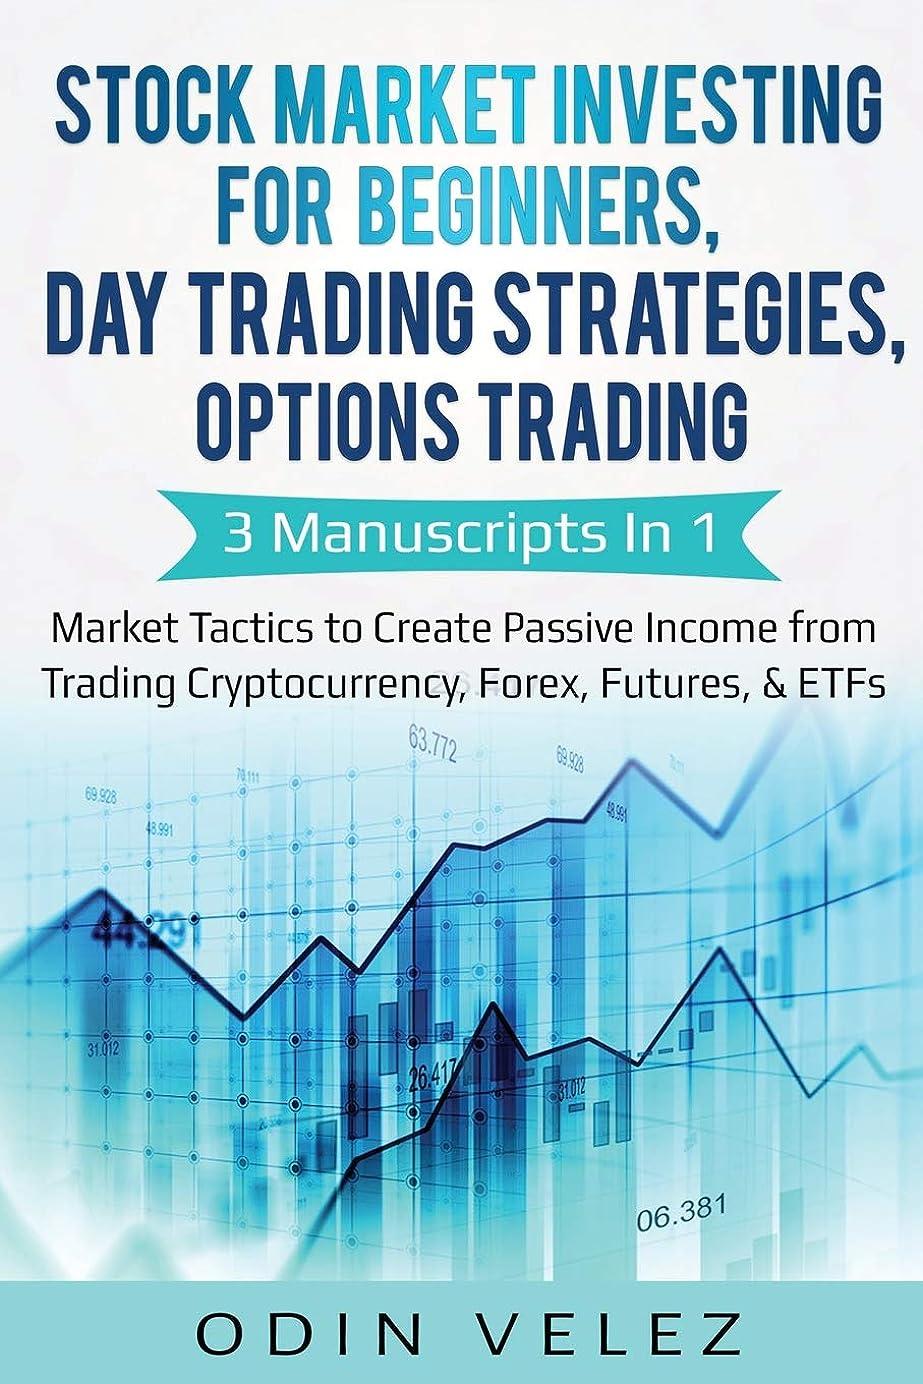 歯科のゴールド付けるStock Market Investing for Beginners, Day Trading Strategies, Options Trading: 3 Manuscripts in 1- Market Tactics to Create Passive Income from Trading Cryptocurrency, Forex, Futures, & ETFs